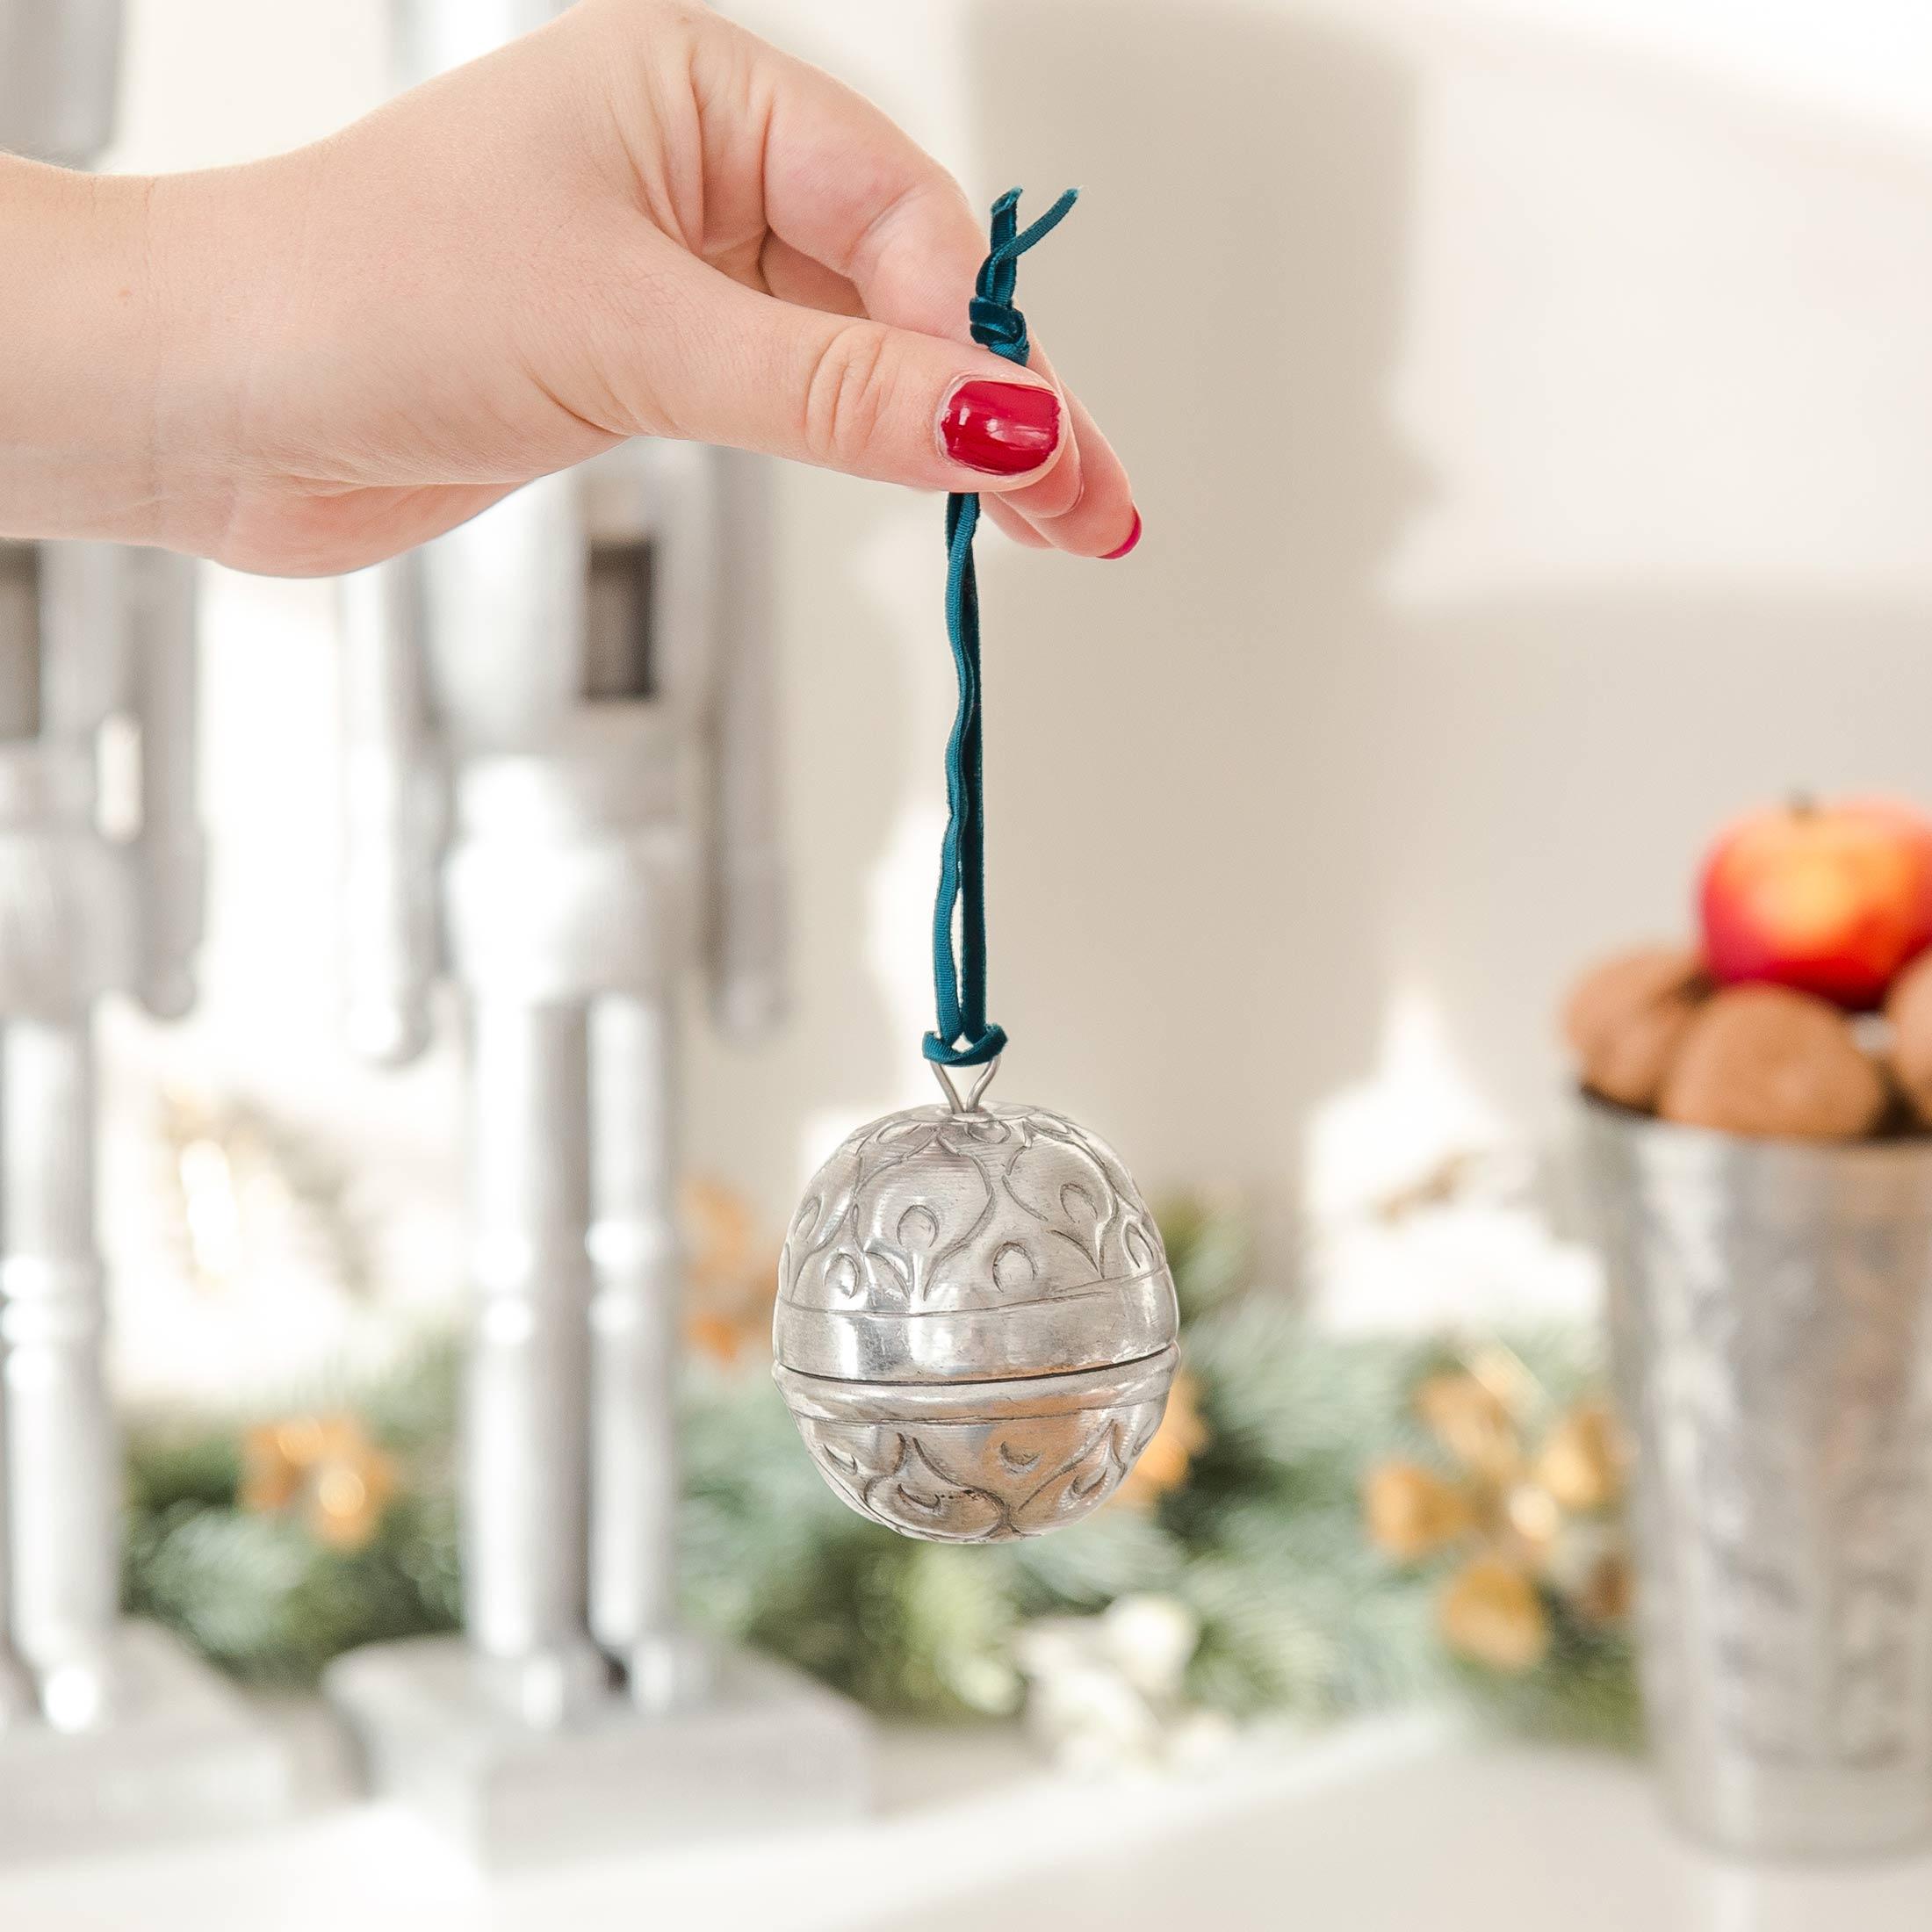 Marokkanische Weihnachts-Kugeln und Geschenk-Verpackung mit Samtband zum Aufhängen| Kugeln zum öffnen von der Marke Van Verre. Christbaumschmuck aus Metall, Silber mit Muster online kaufen